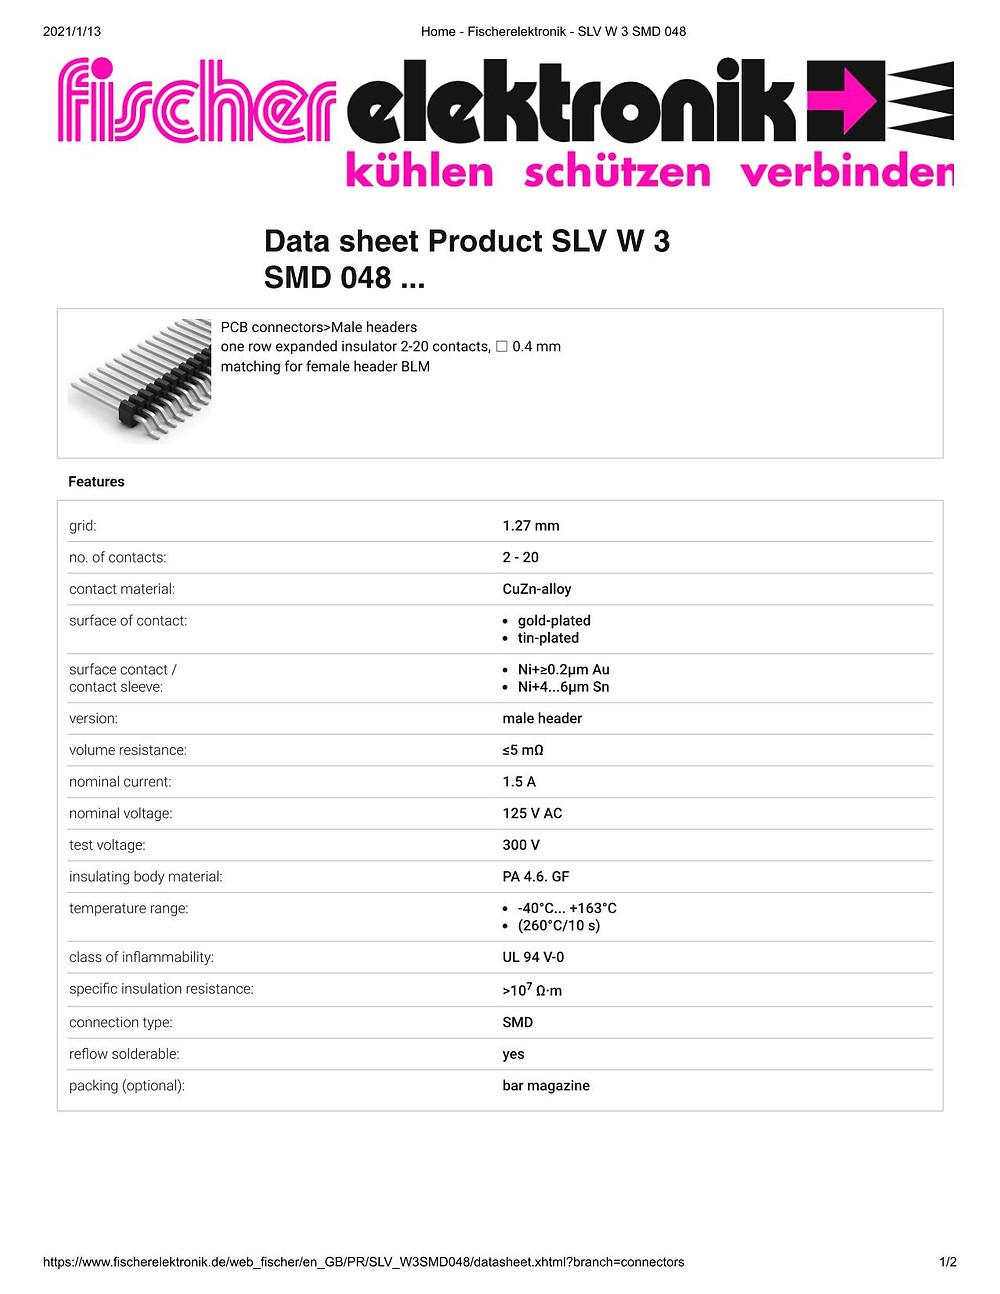 SLV W 3 SMD 048 ピンヘッダ 1.27mm ピッチ 平行連結用